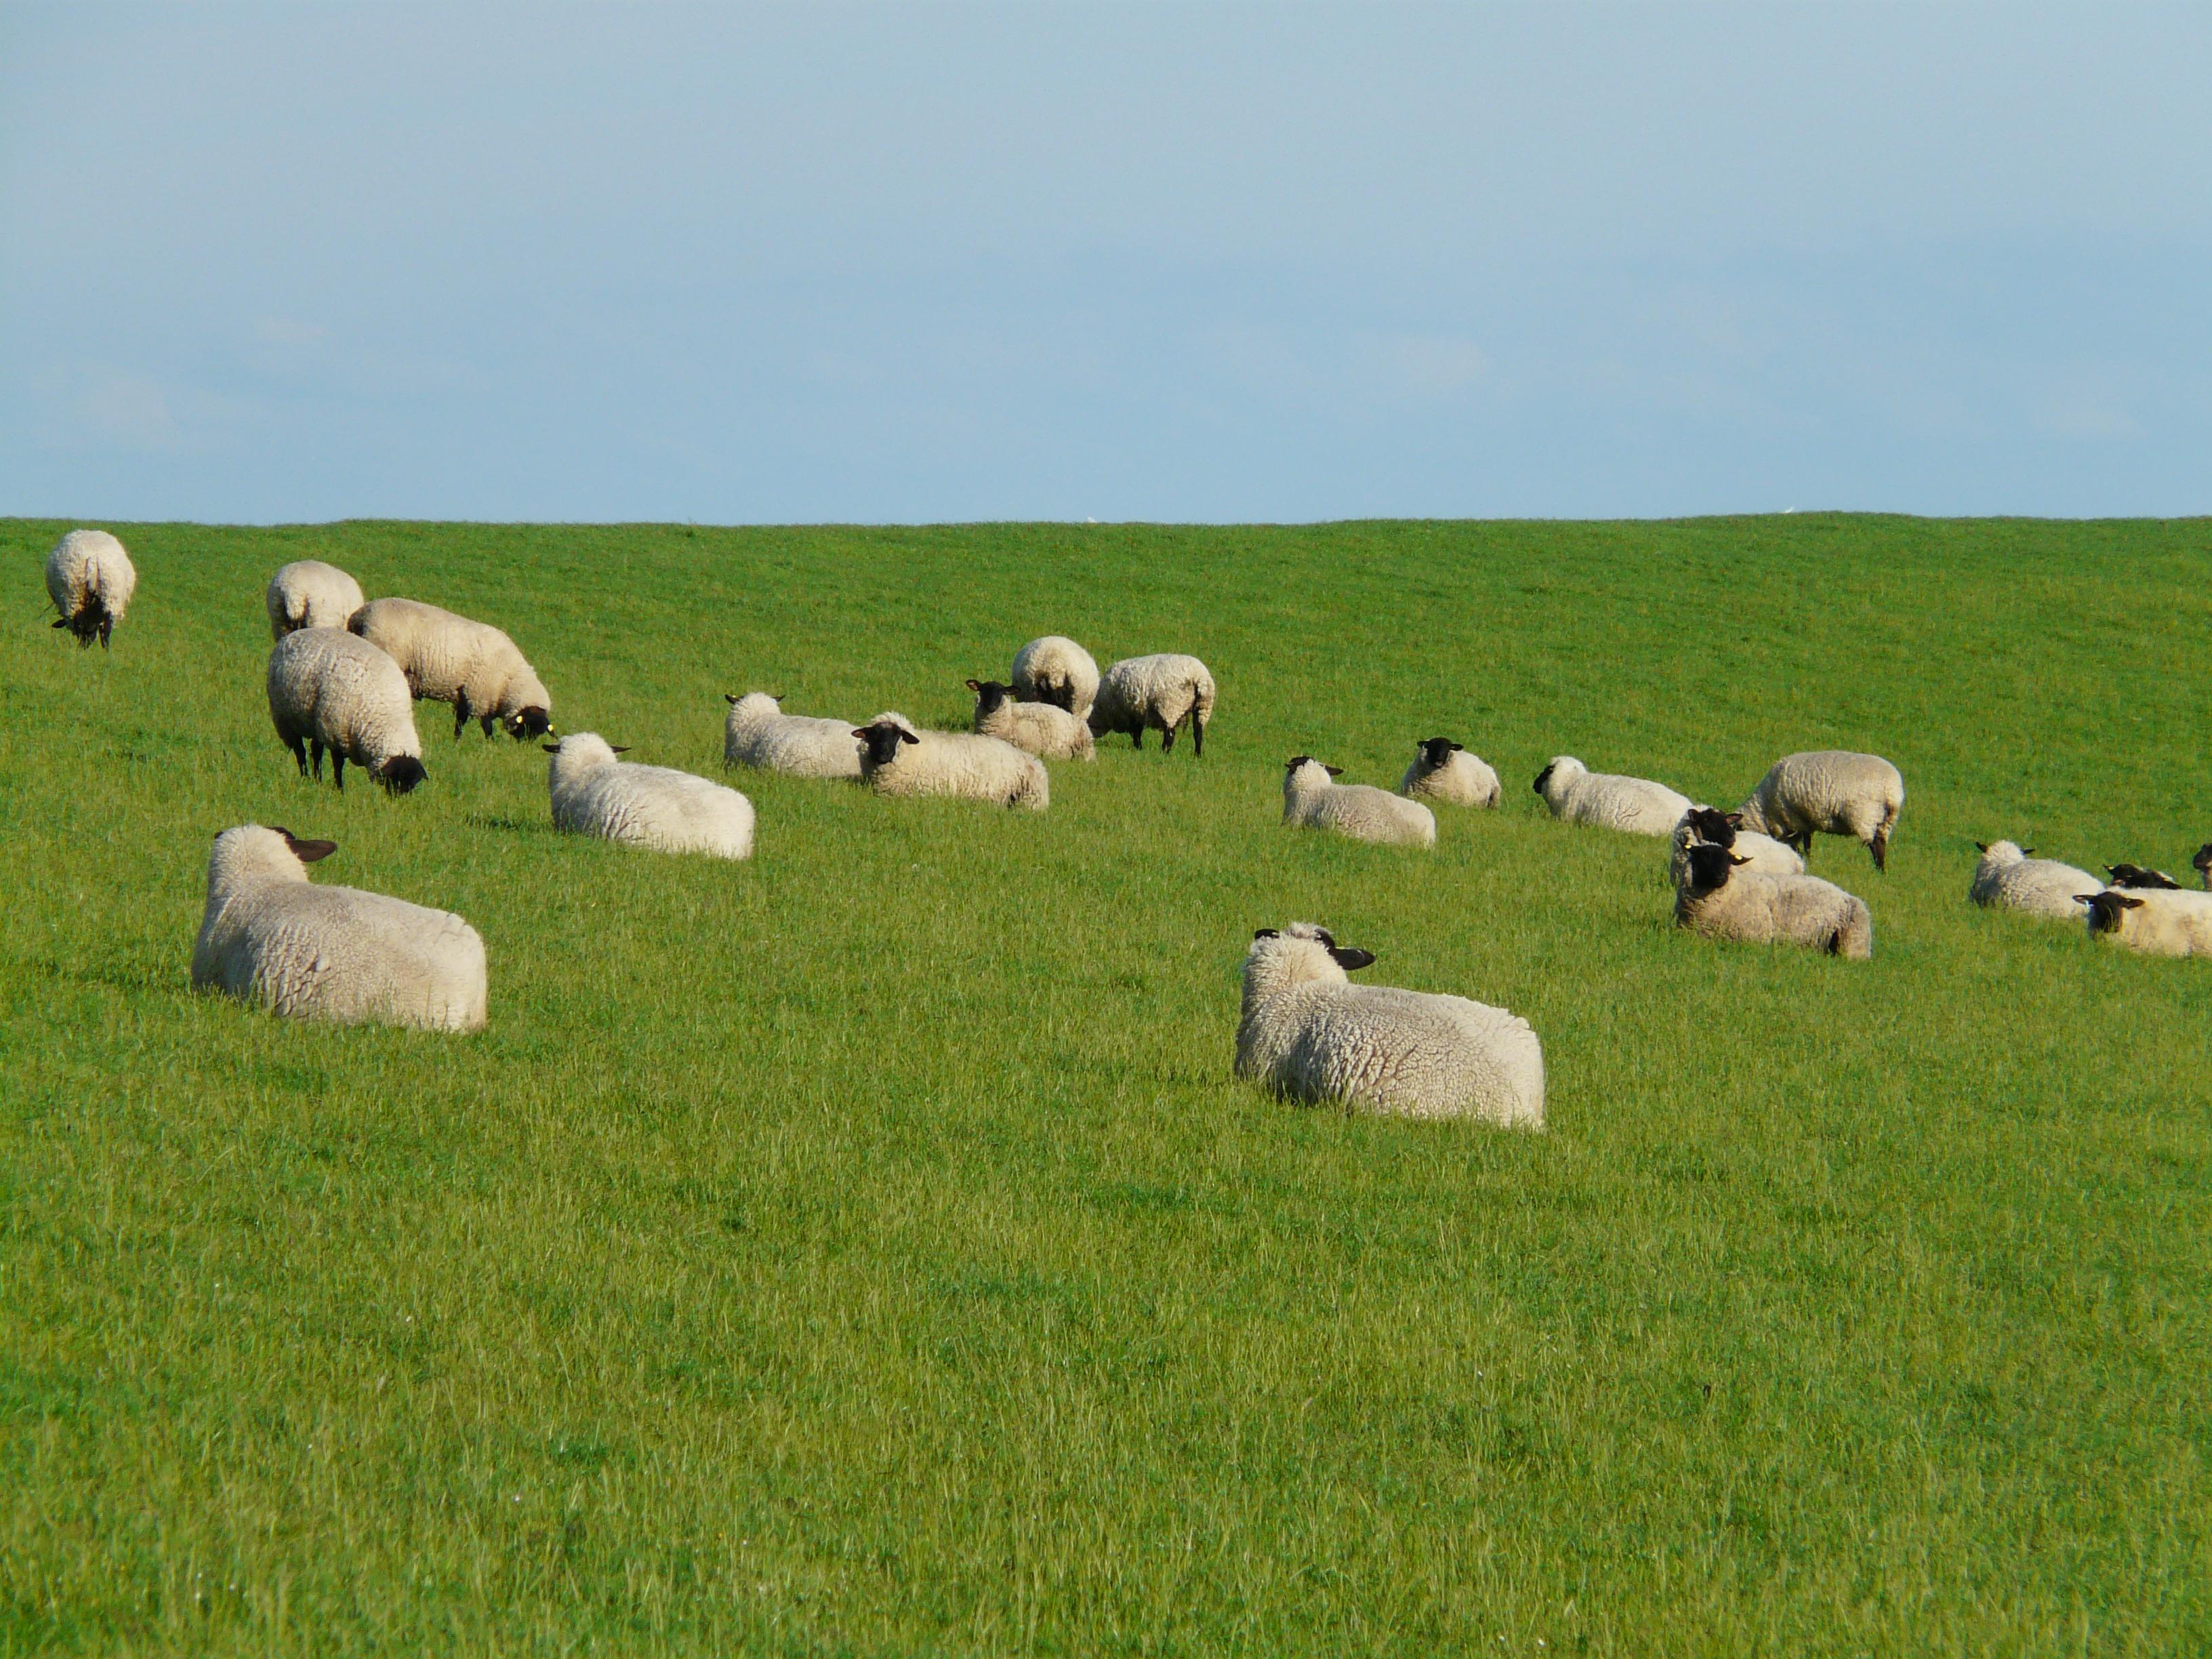 картинки луг с овцами очень ответственно подходят